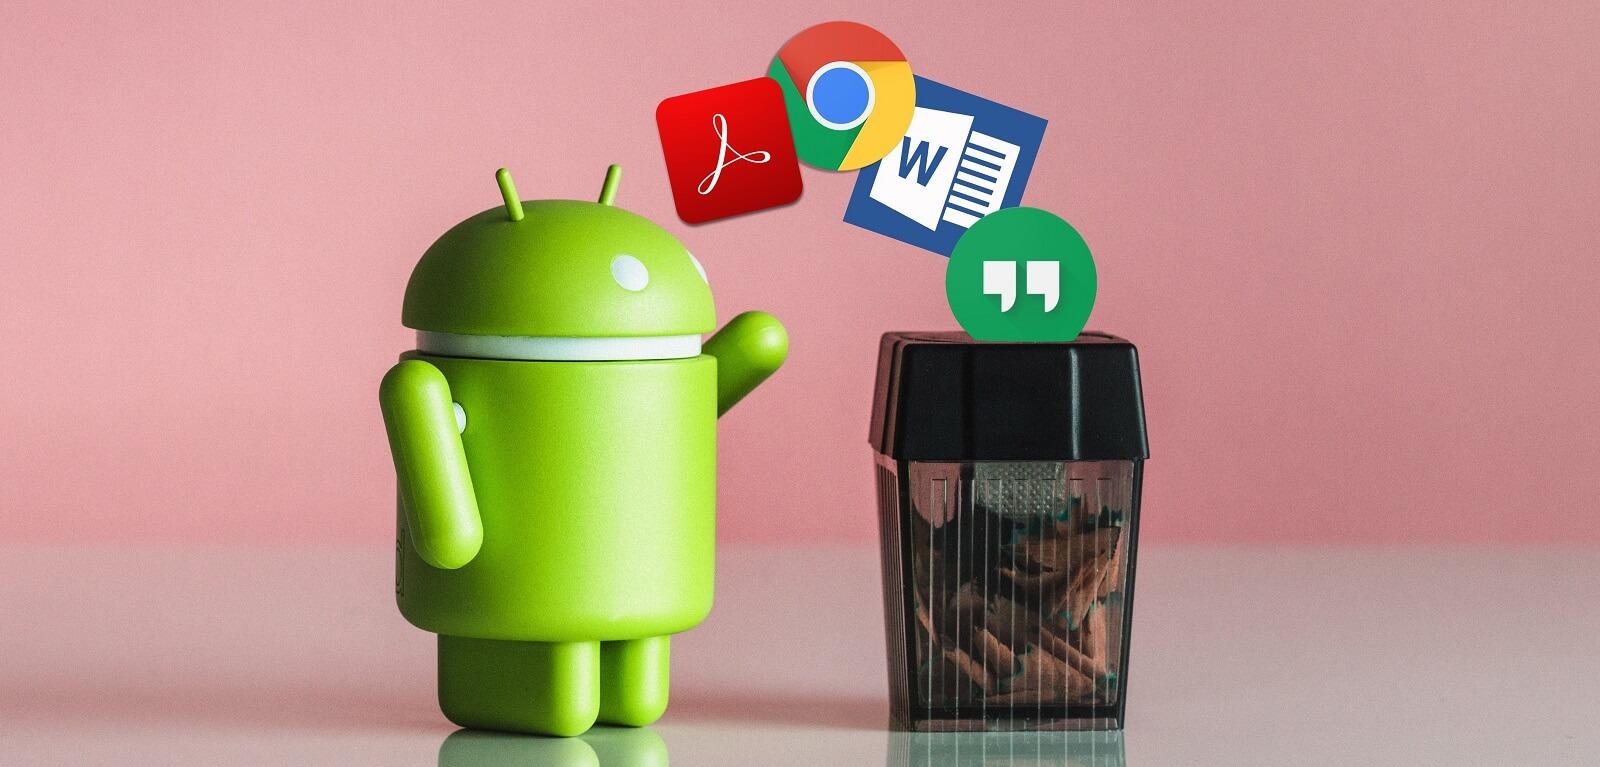 Android İçin En İyi Temizleme - Bakım Uygulamaları 2019